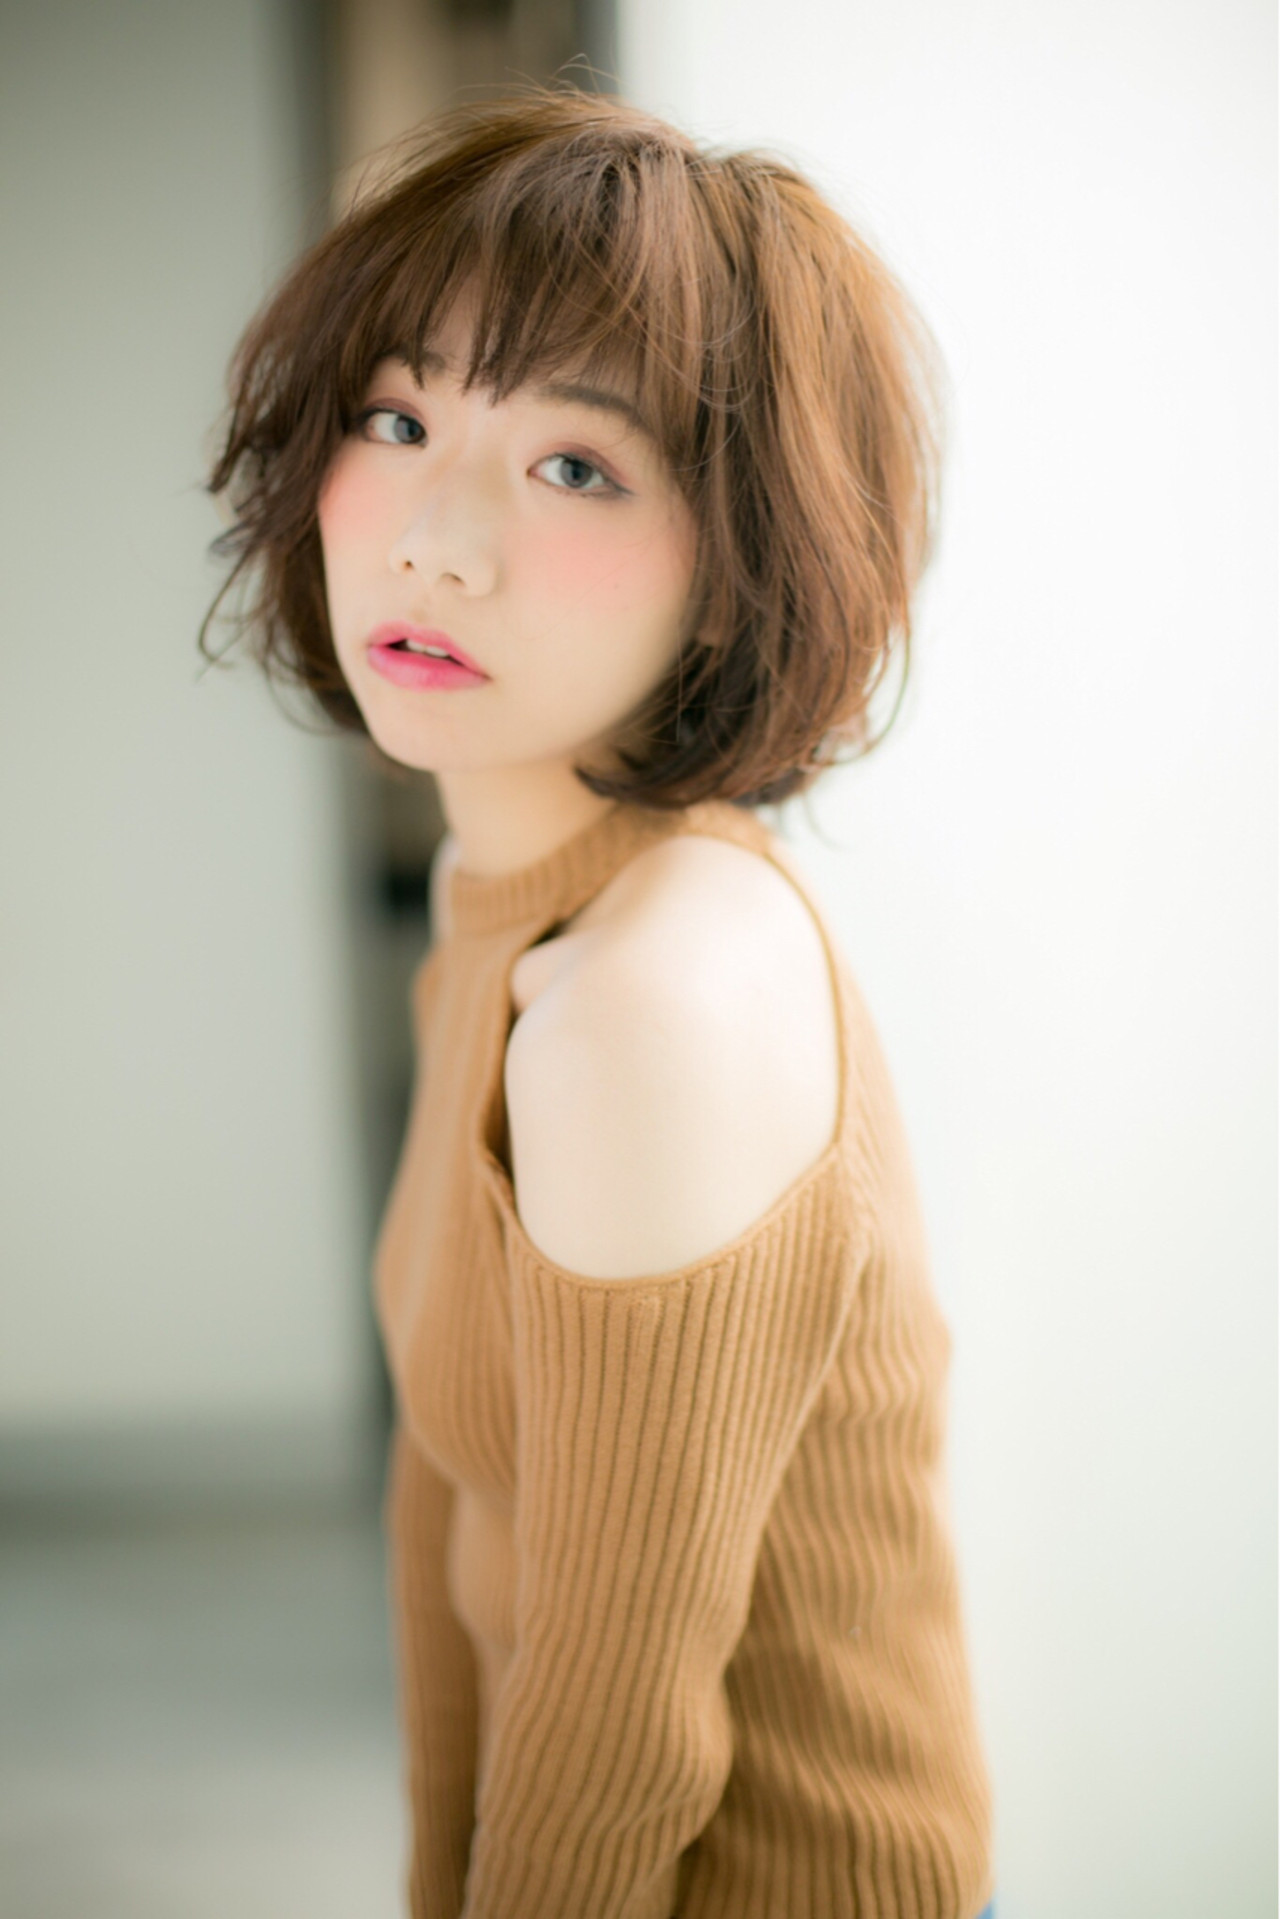 パーマ 大人女子 ボブ ナチュラル ヘアスタイルや髪型の写真・画像 | risa /